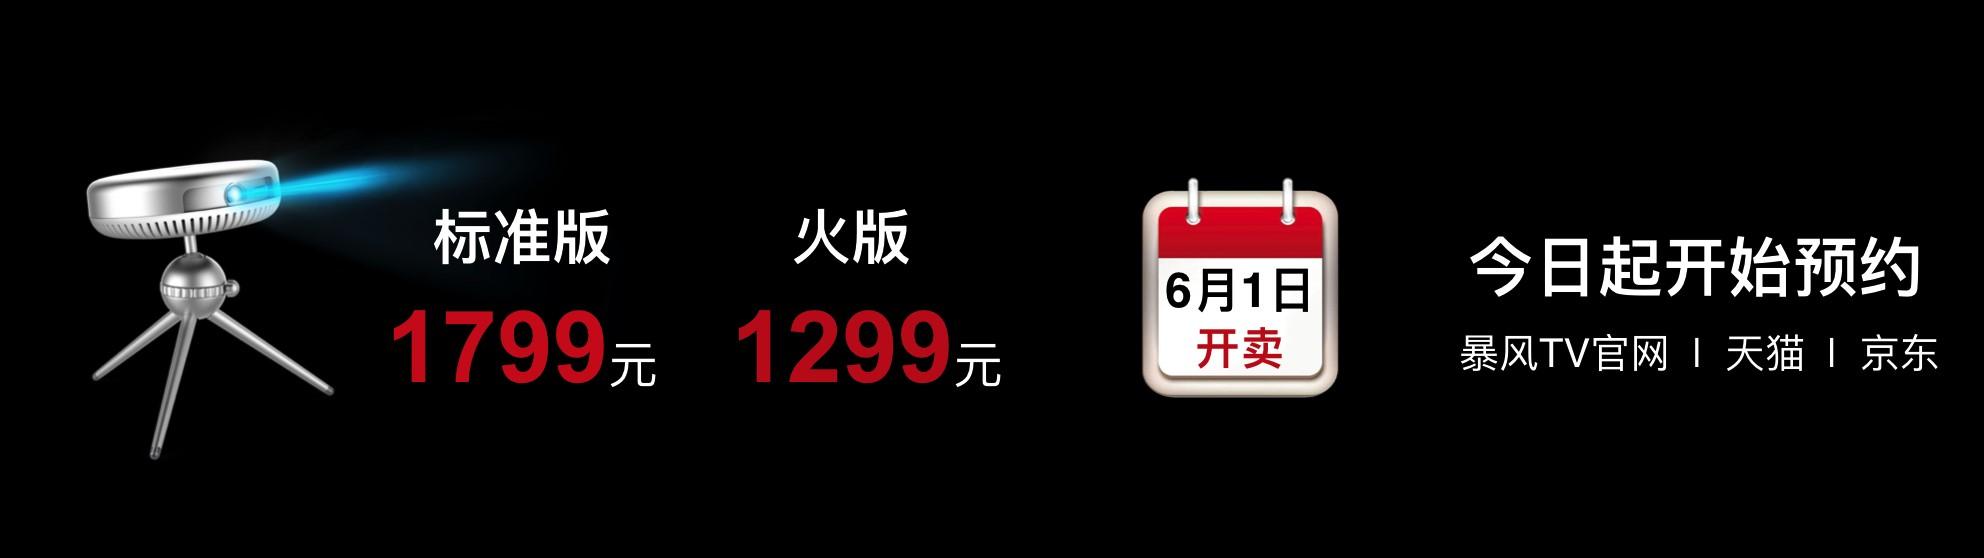 合胜娱乐城_打造极致观影体验 暴风小魔投于北京发布-产品详情-玩意儿